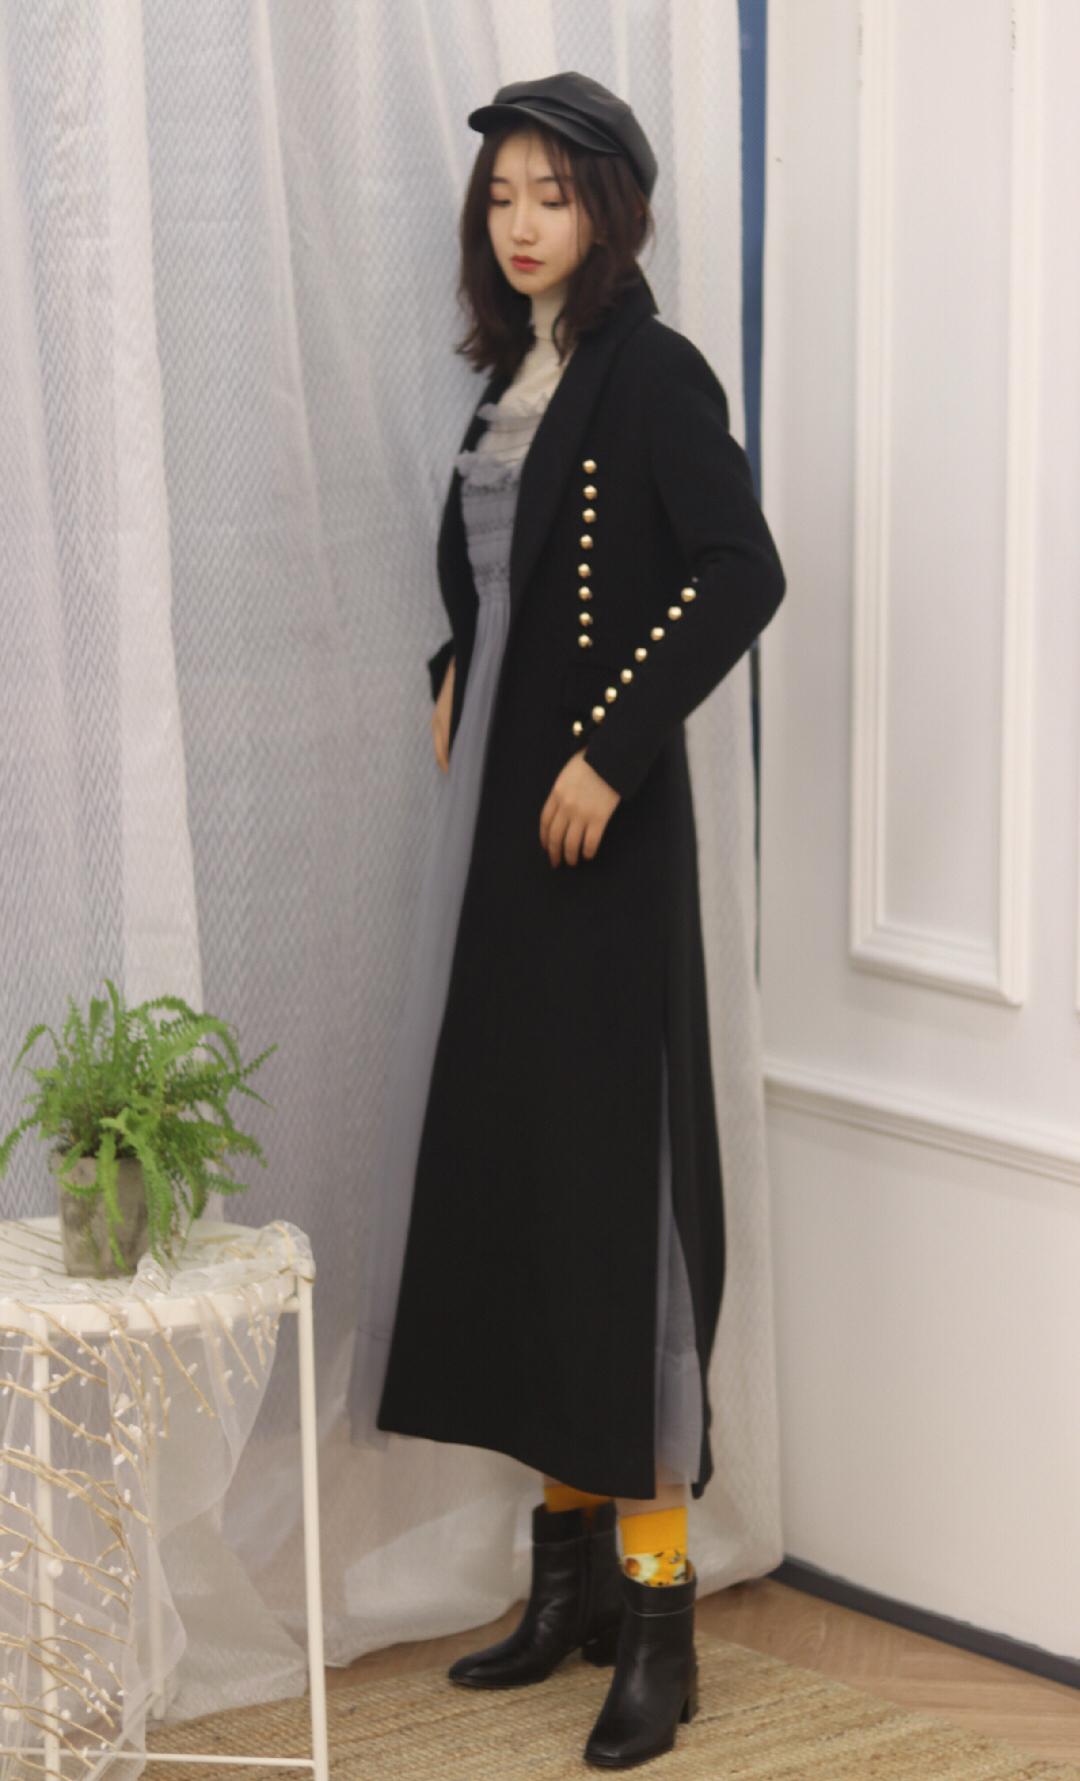 🧜♀️气场十足! 🧥收腰黑色长宽毛呢外套,精致赫本风!非常复古的一件外套,金属扣整齐排列,显瘦又增添复古感,是十分吸睛的小设计!收腰设计巨显瘦并且拉长腿部比例! 👗内搭灰色纱裙,仙气缭绕哇!也是高腰设计,十分显瘦,一身性冷淡黑白灰色系,高级感满满! 🎩最后贝雷帽的搭配,迎合了复古感。 #MIX UP设计感爆棚#